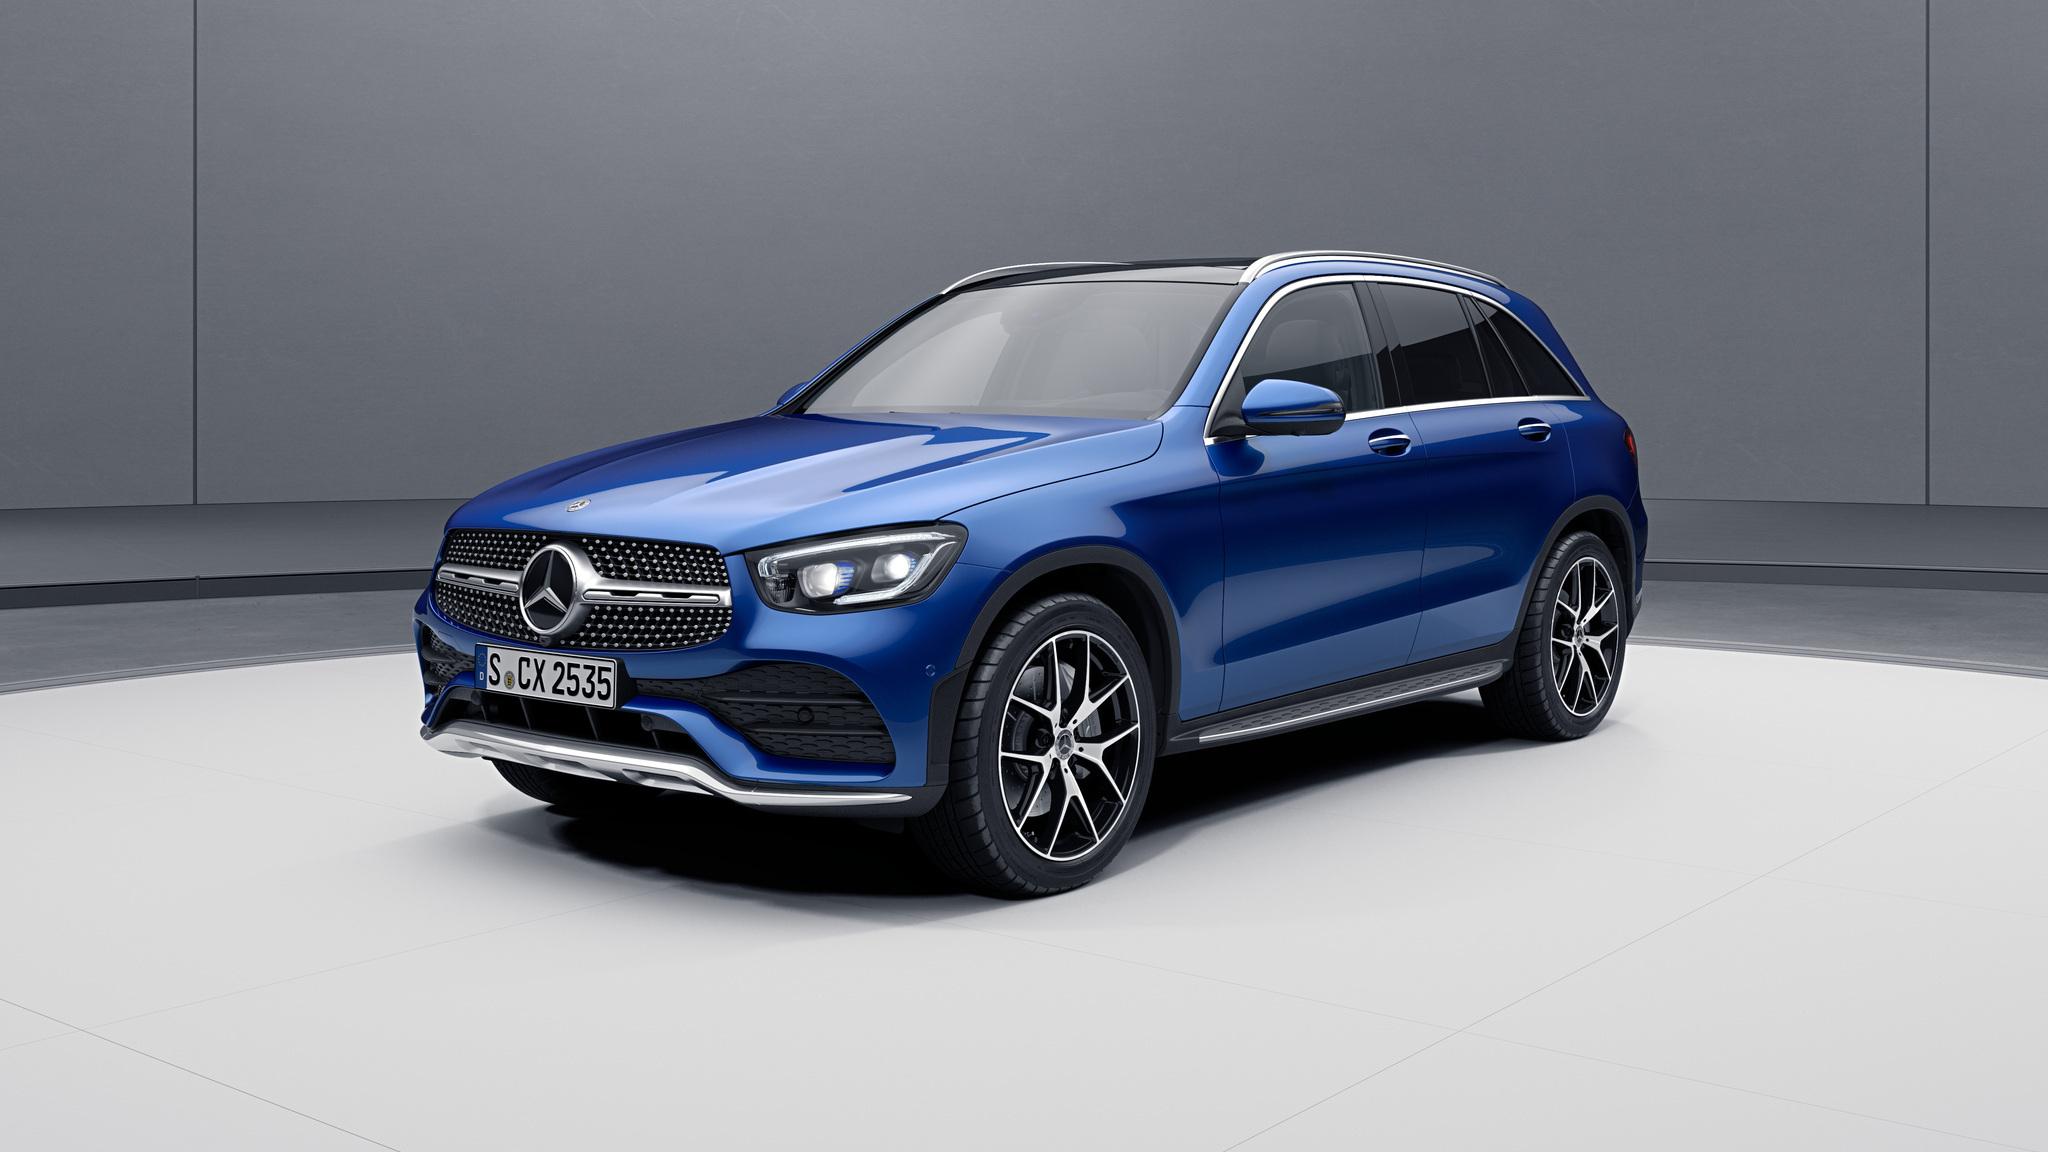 Vue de trois quarts de profil de la Mercedes GLC avec la peinture Métallisé - bleu brillant